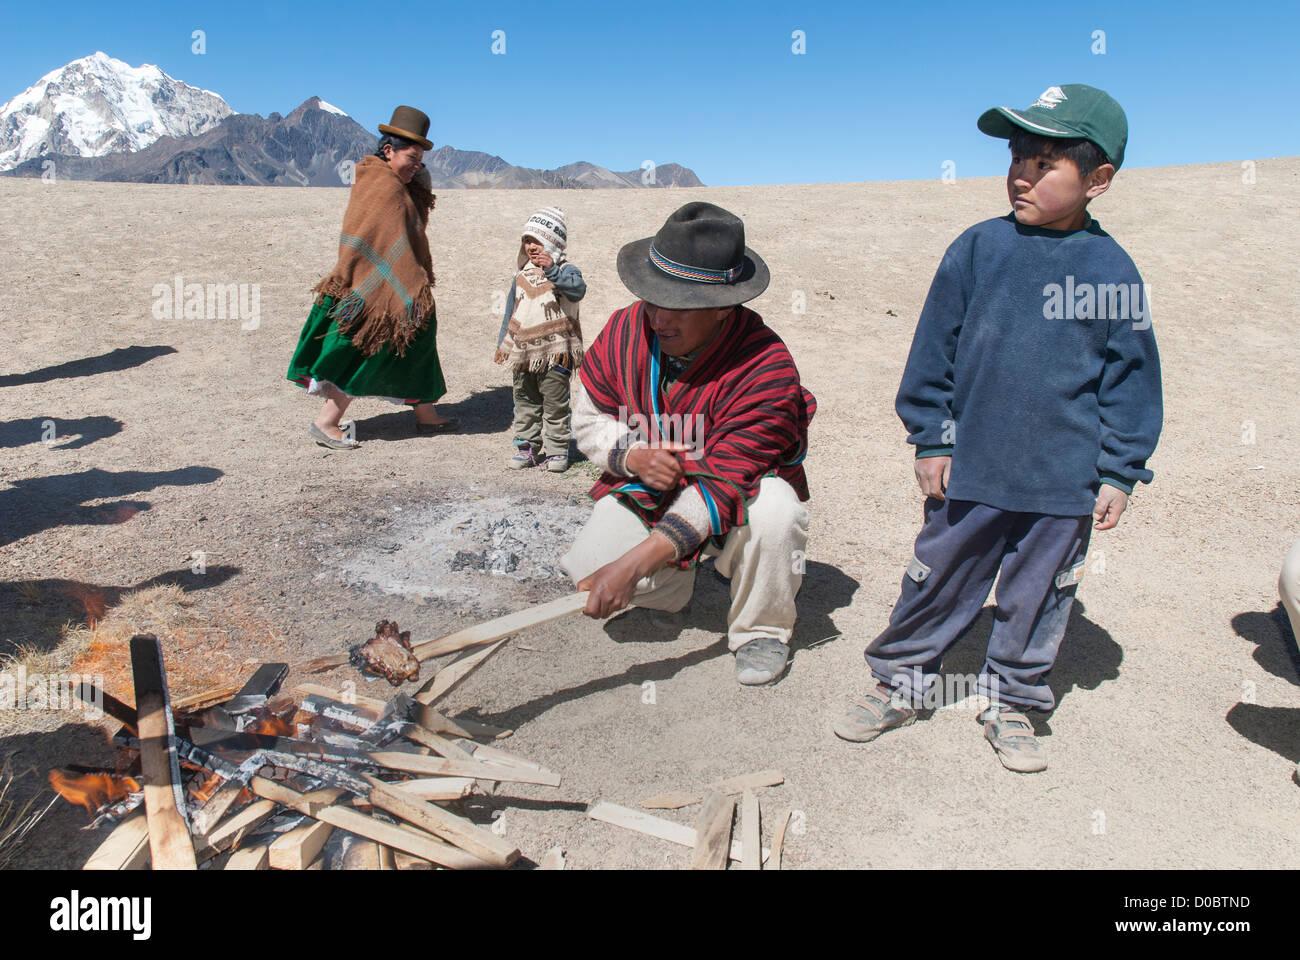 Barbecue in the Cordillera Real - Stock Image